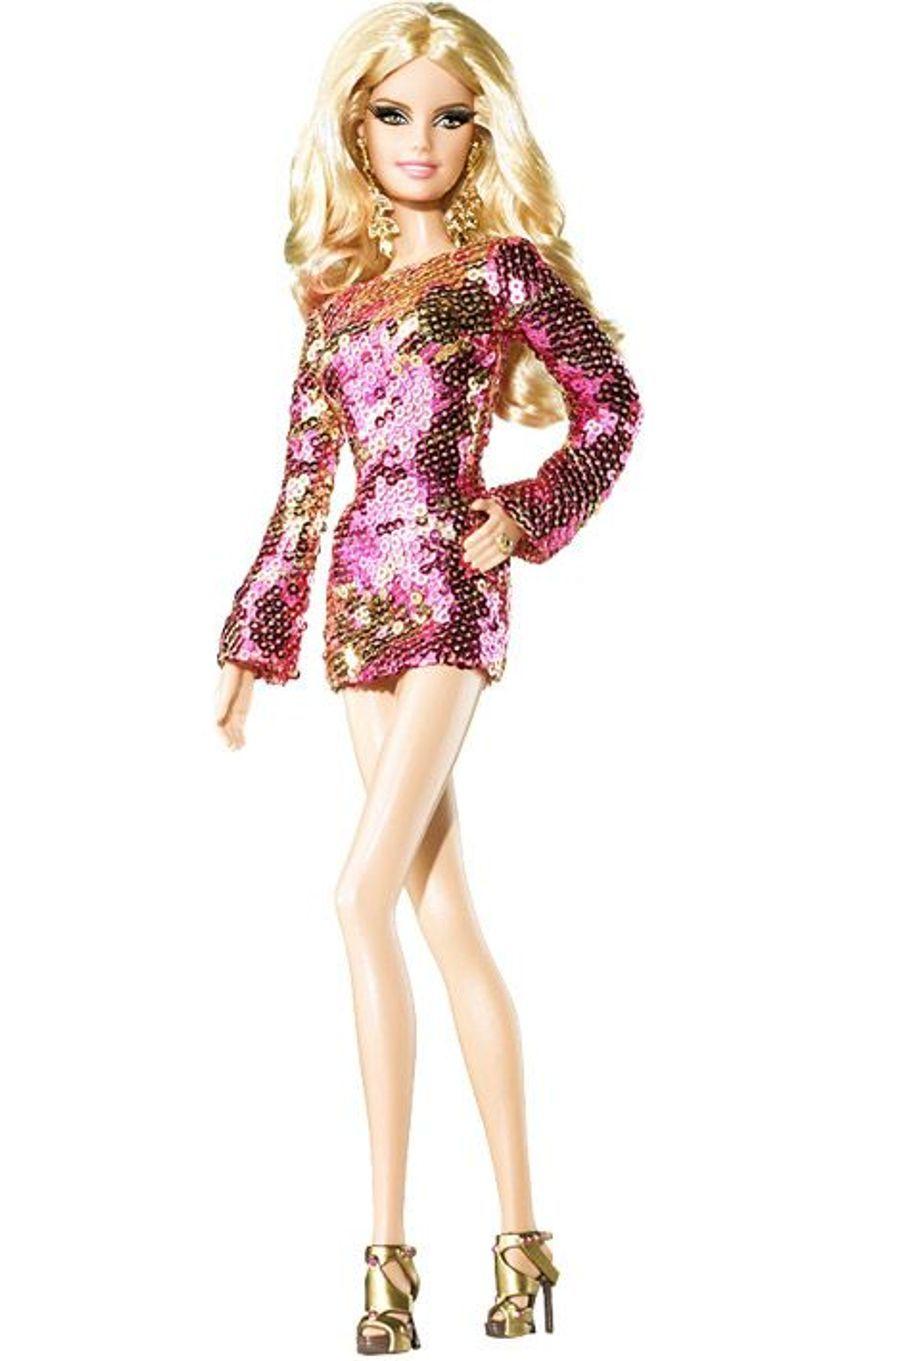 La Barbie inspirée par le top model Heidi Klum